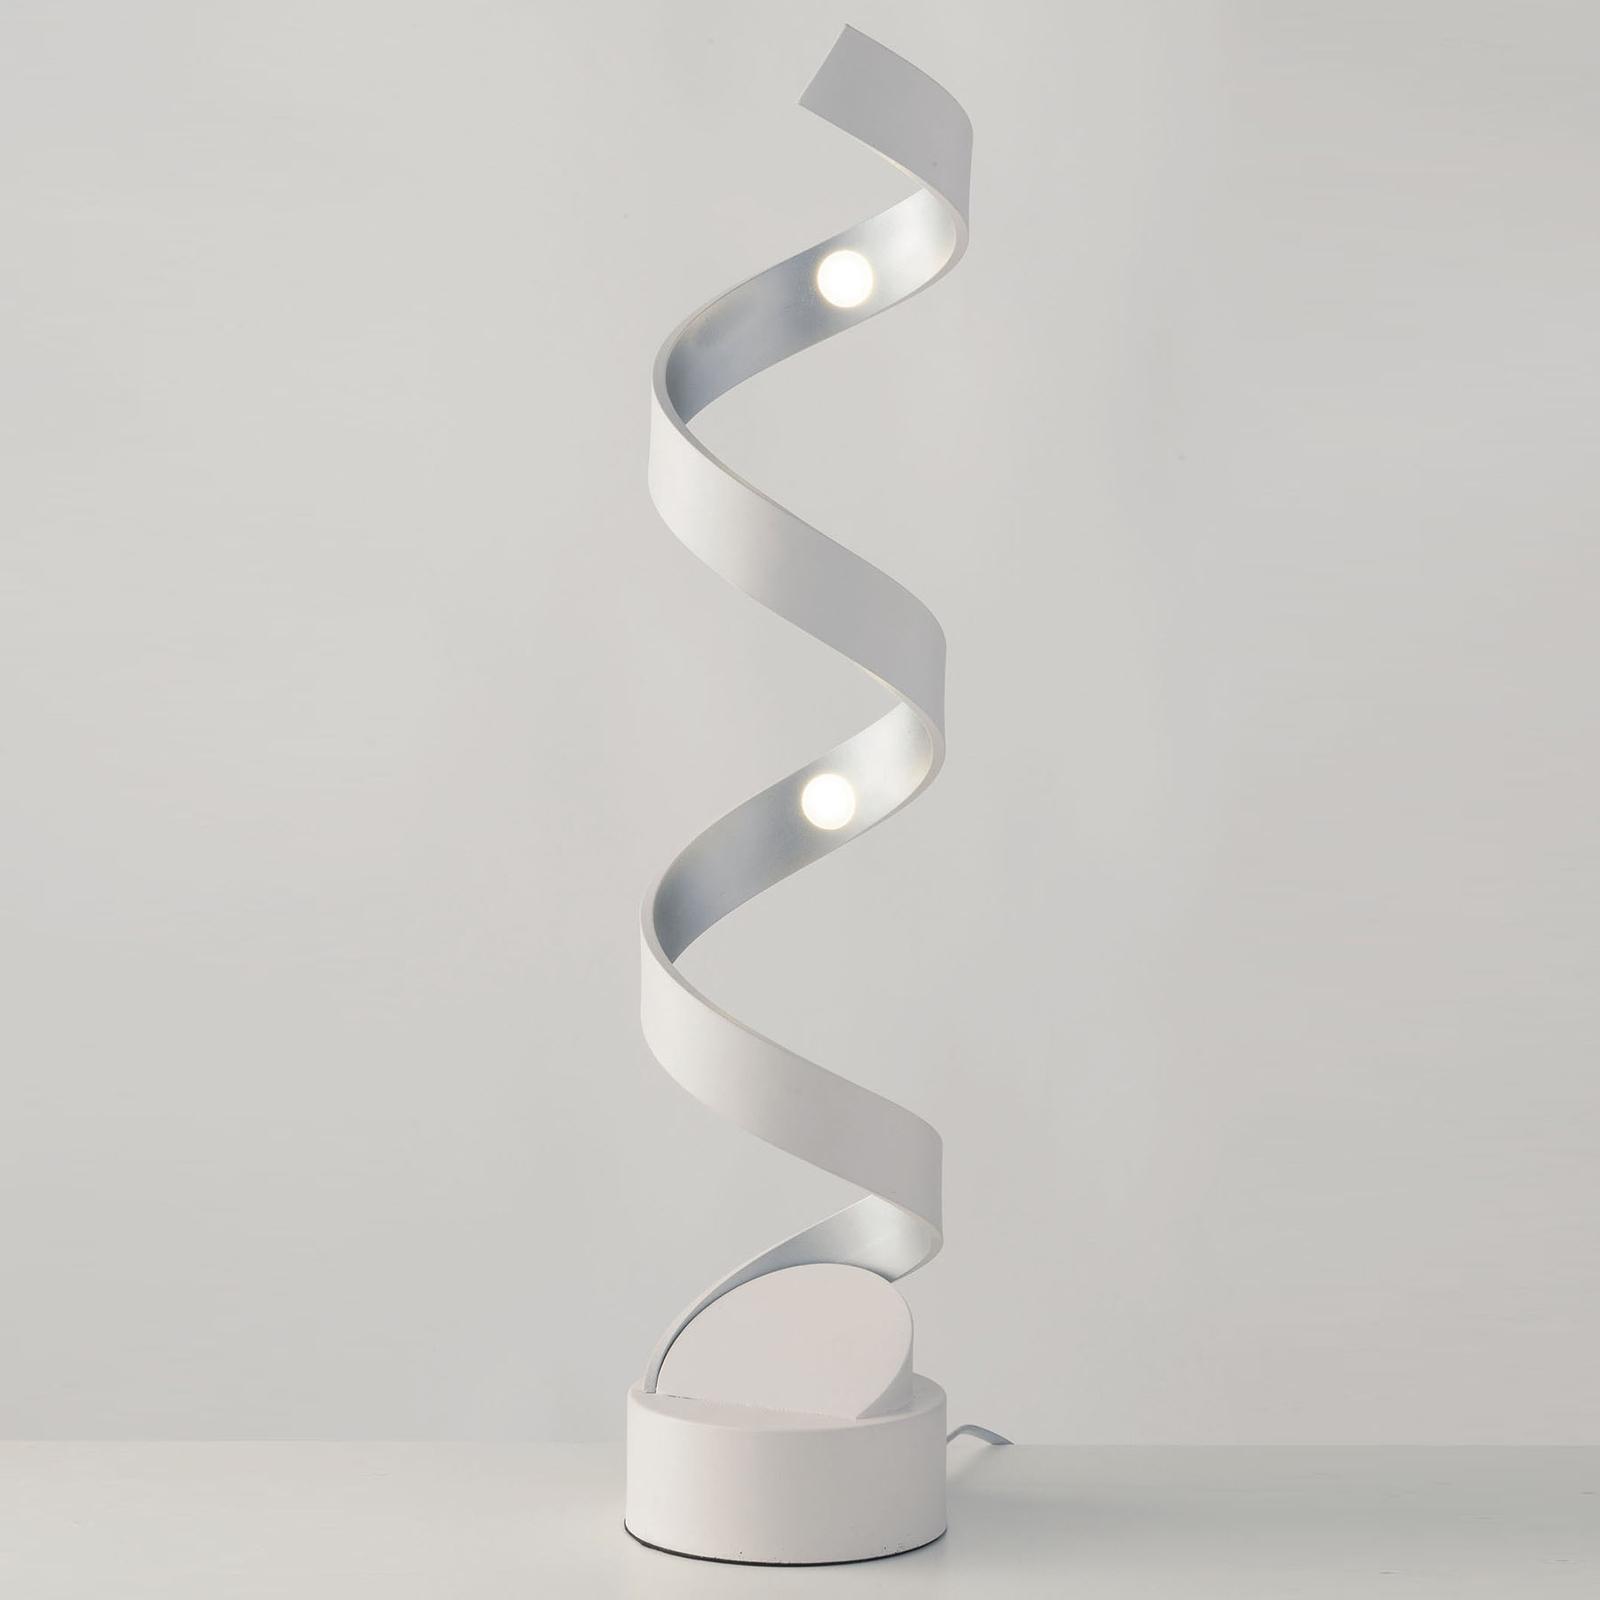 LED-Tischleuchte Helix, Höhe 74 cm, weiß-silber